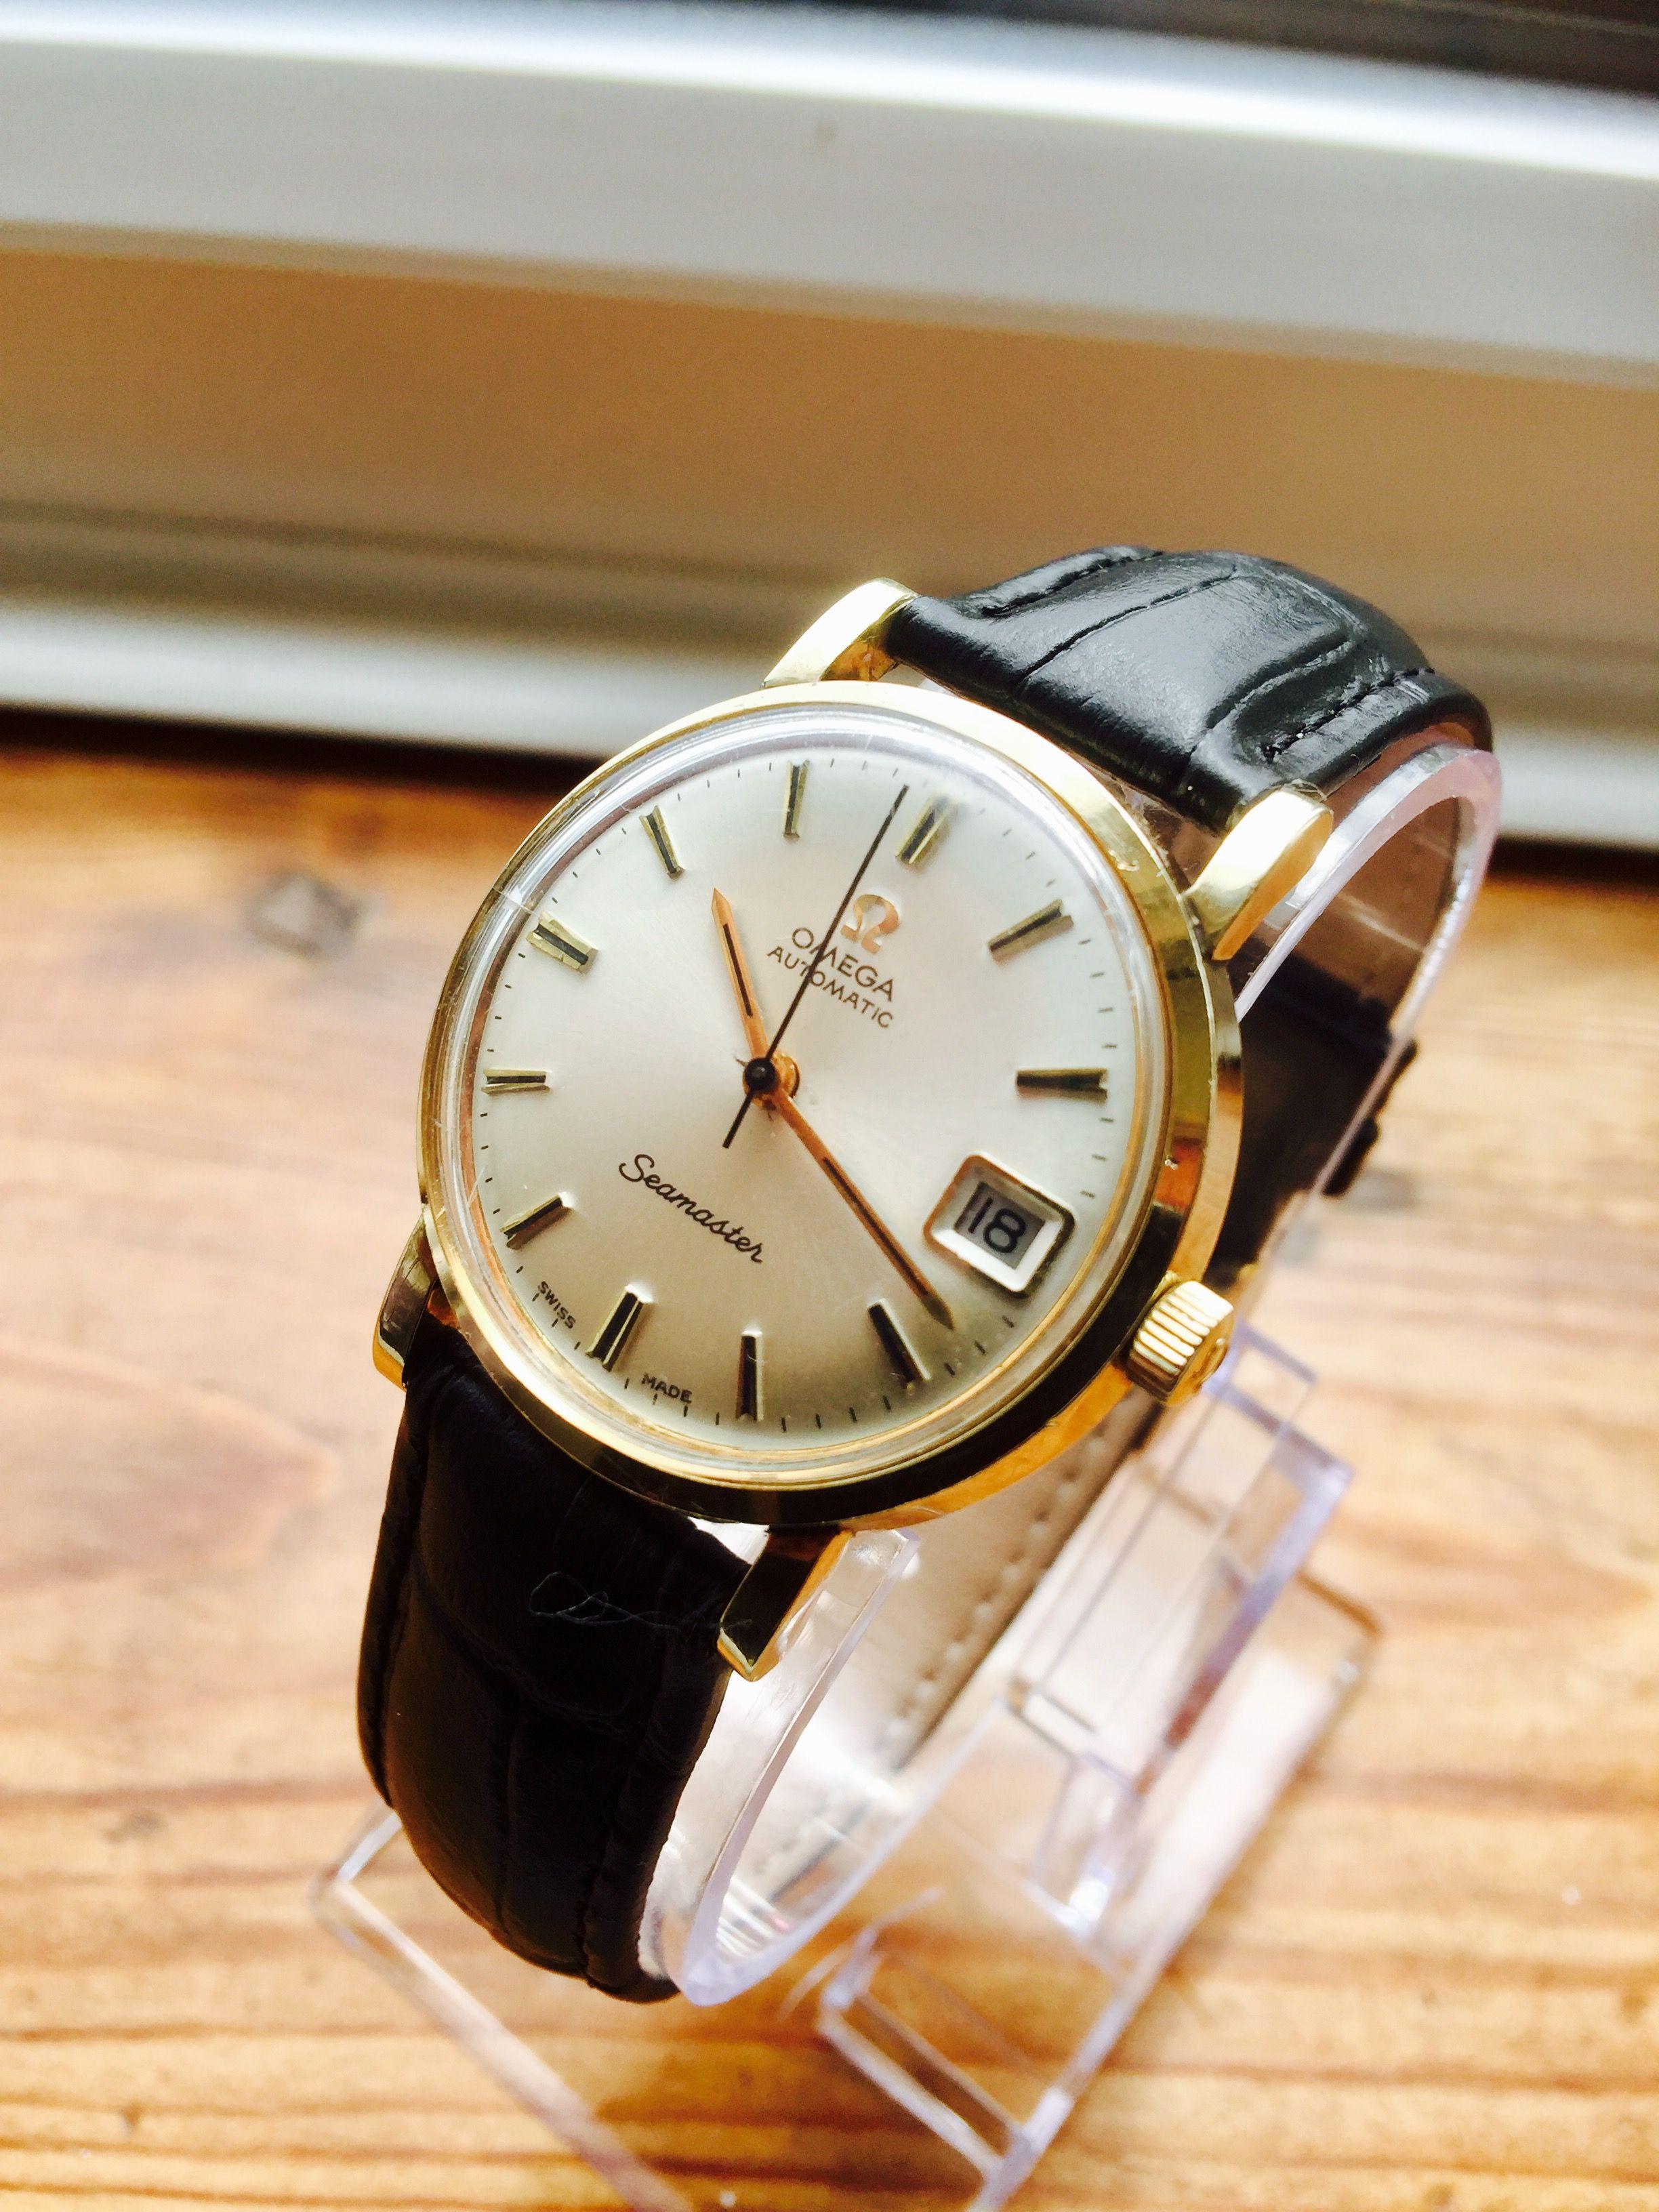 50779268524 Omega vintage watch